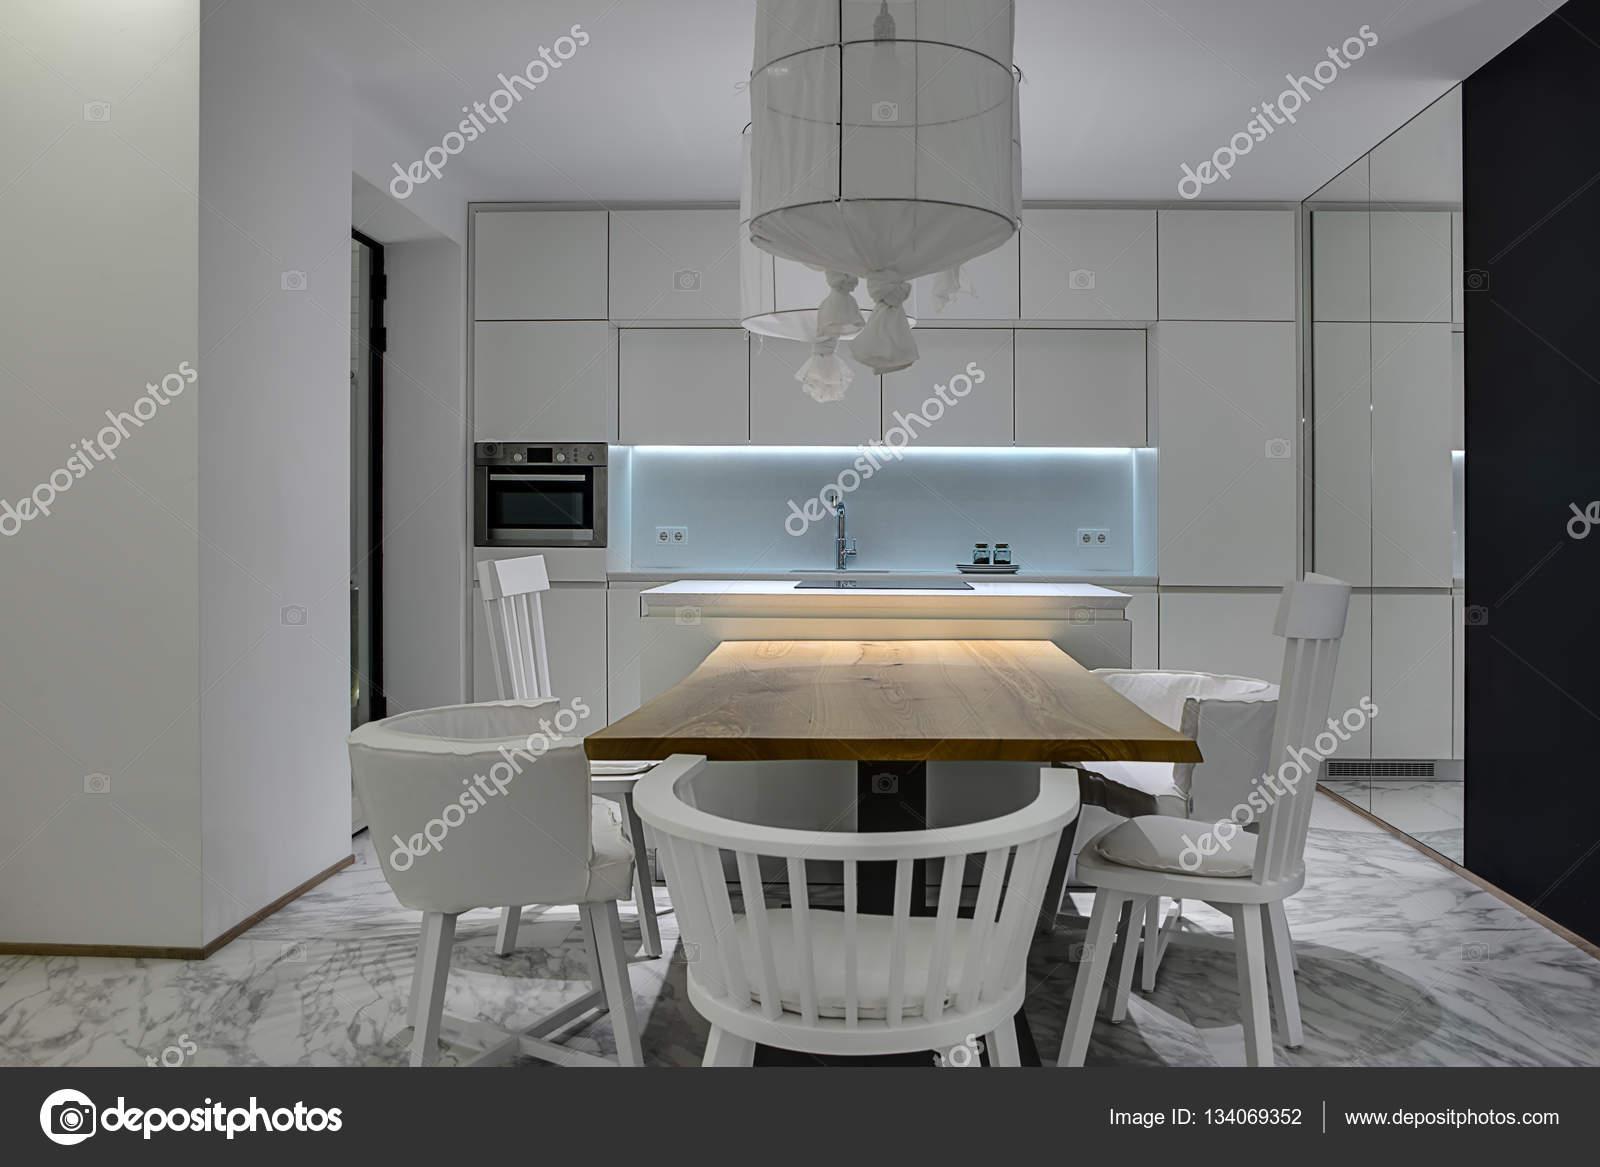 Cozinha Em Estilo Moderno Stock Photo Bezikus 134069352